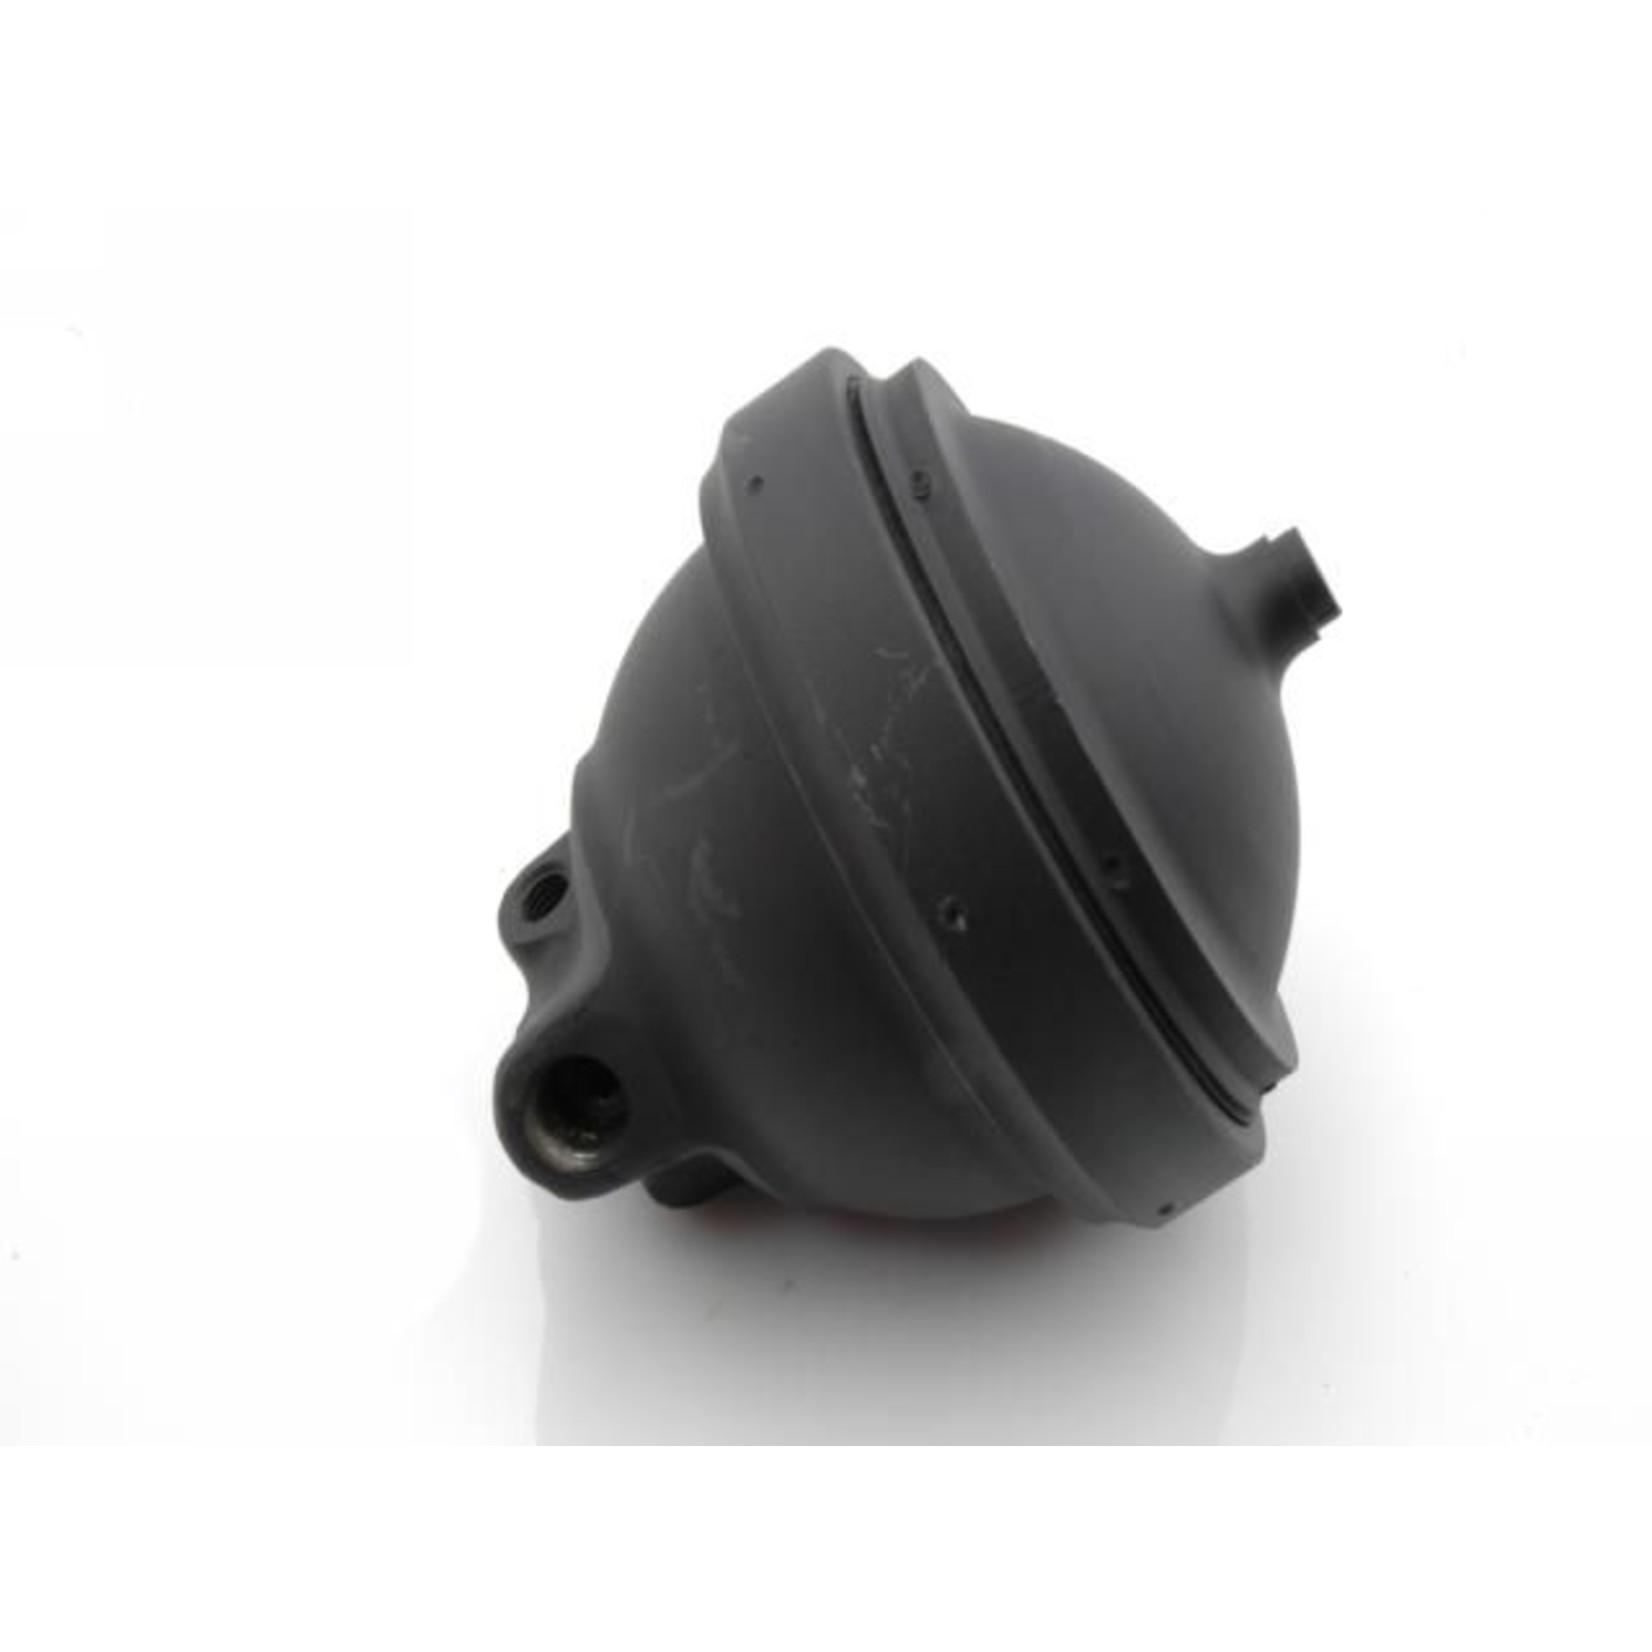 Sphère accumulateur de frein 2 voies reconditionnée LHS 40 bar Nr Org: DF39204